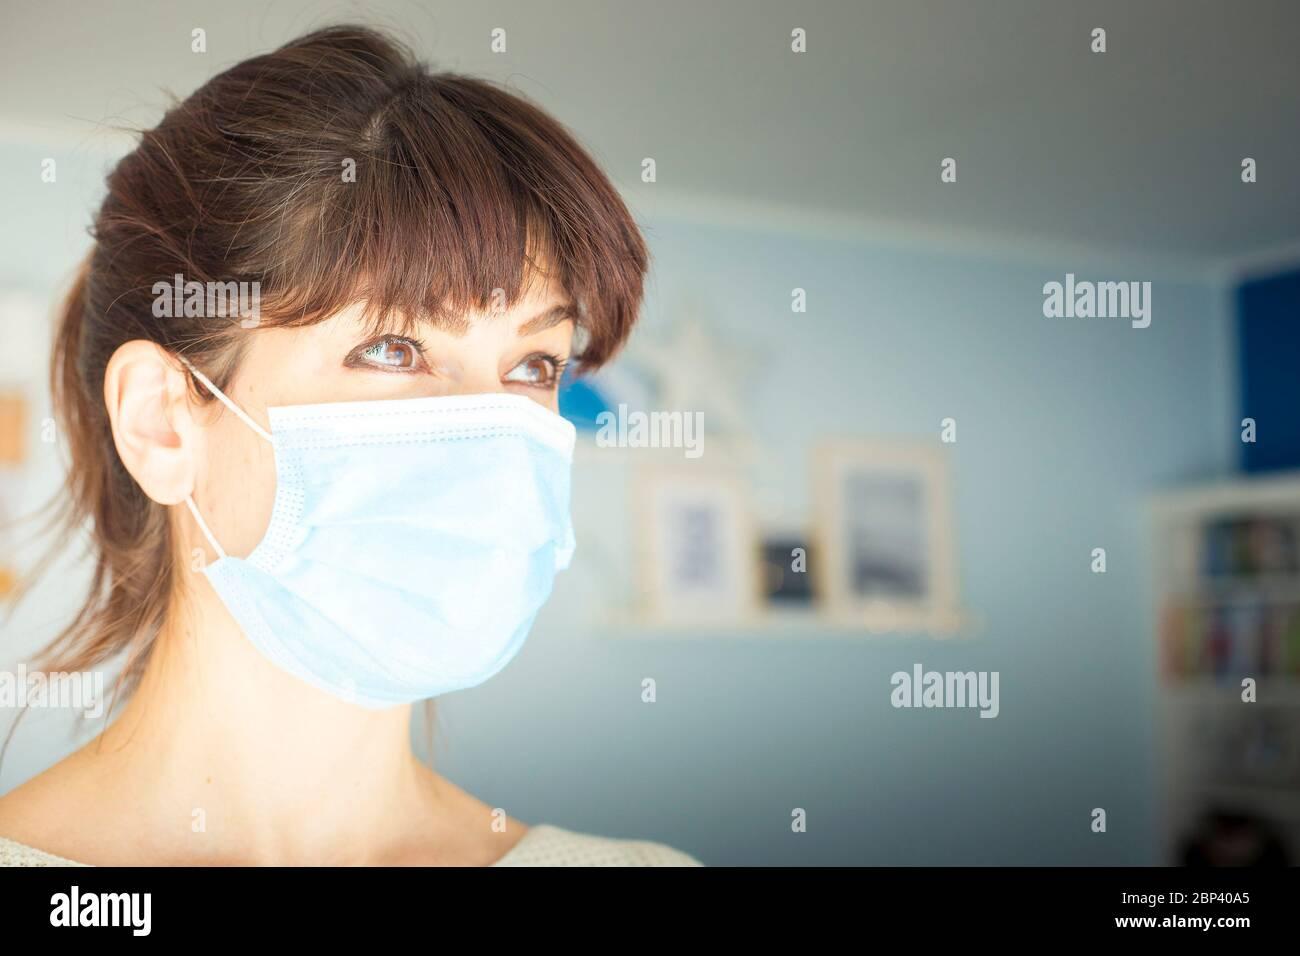 Femme caucasienne attirante avec de longs cheveux et des langes, portant un masque chirurgical bleu pendant une pandémie de covid-19 ou de coronavirus. En regardant loin, l'espace de copie Banque D'Images